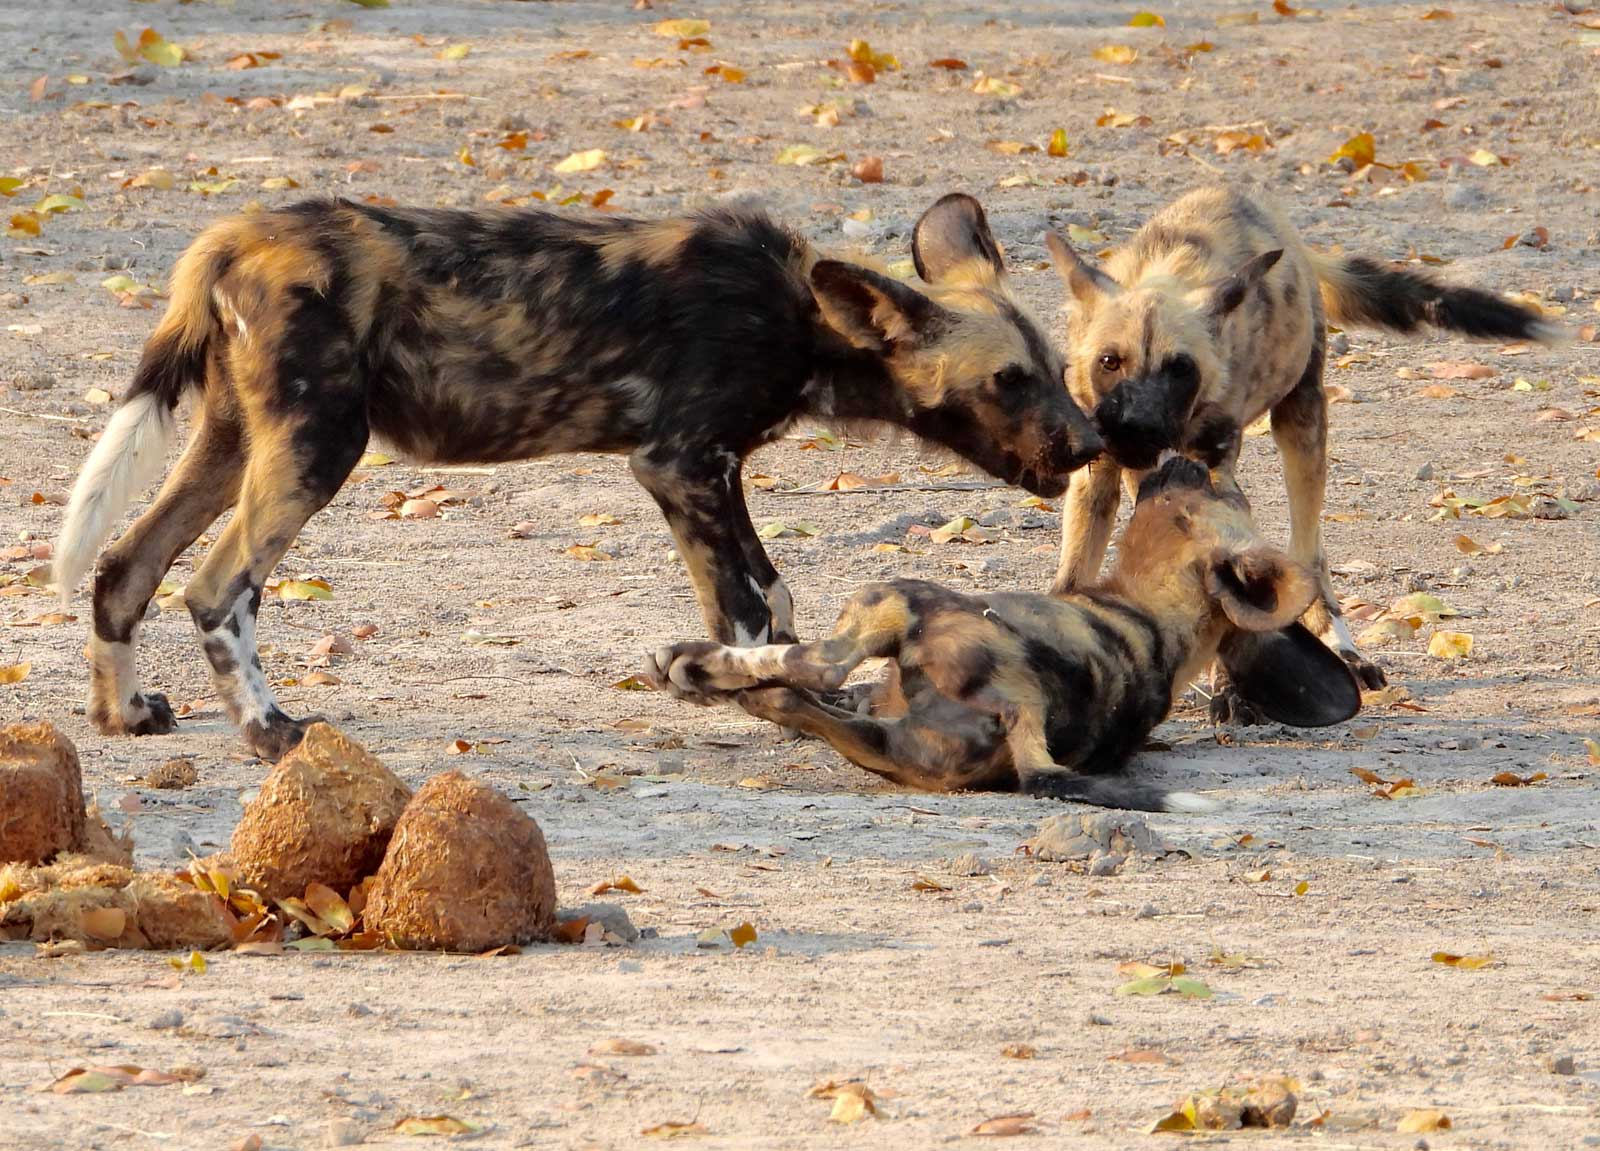 Wild Dogs on Safari